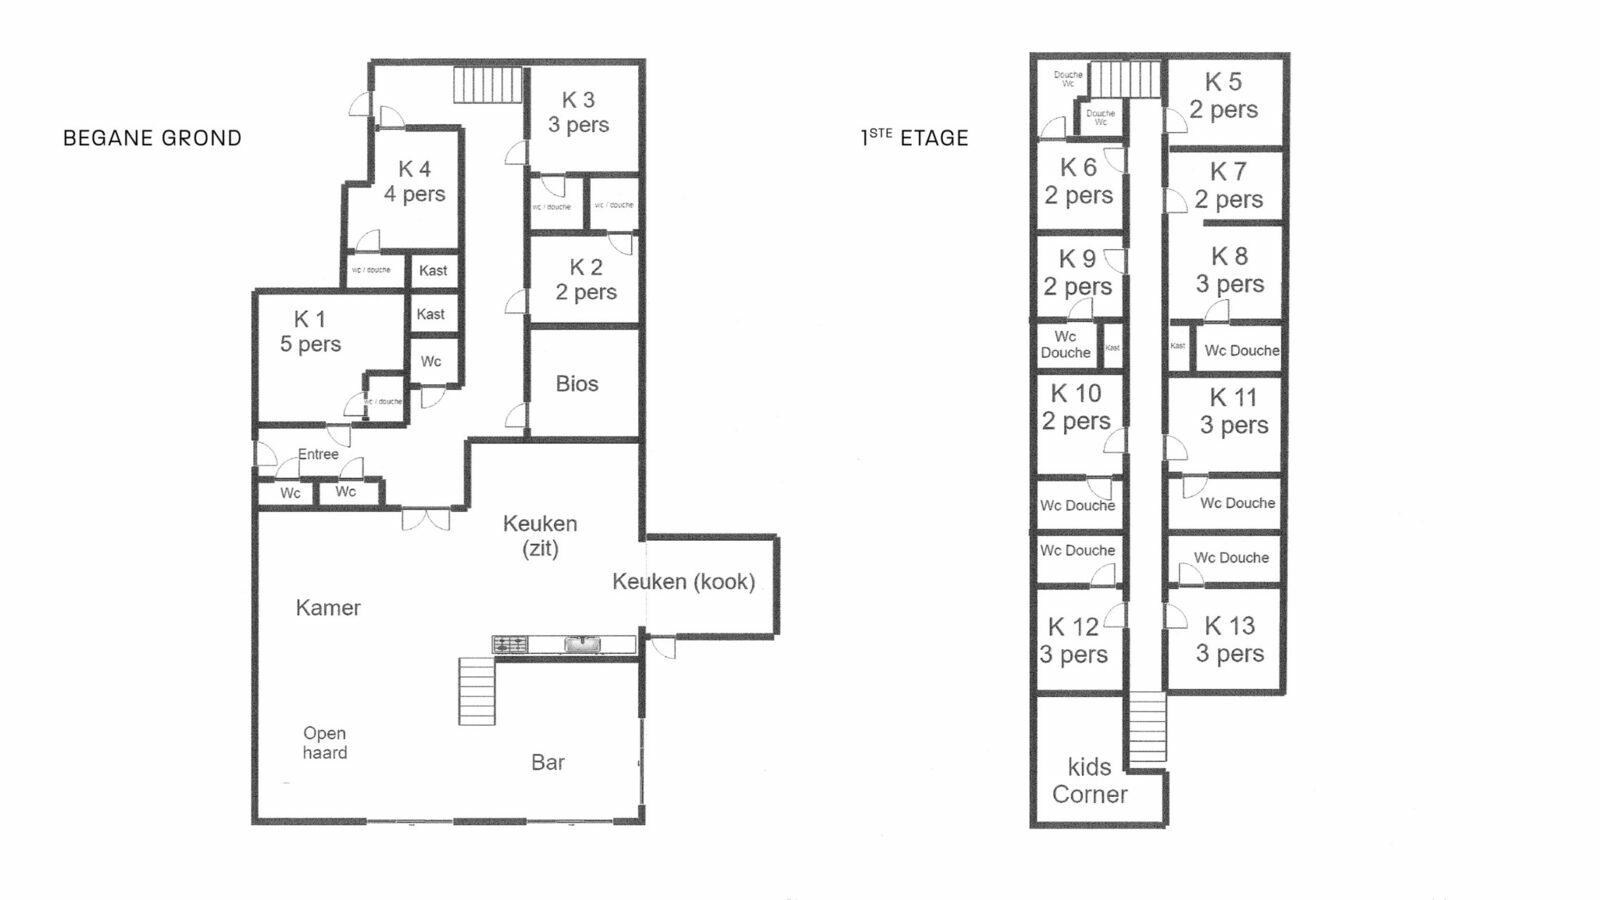 Group accommodation Veulen